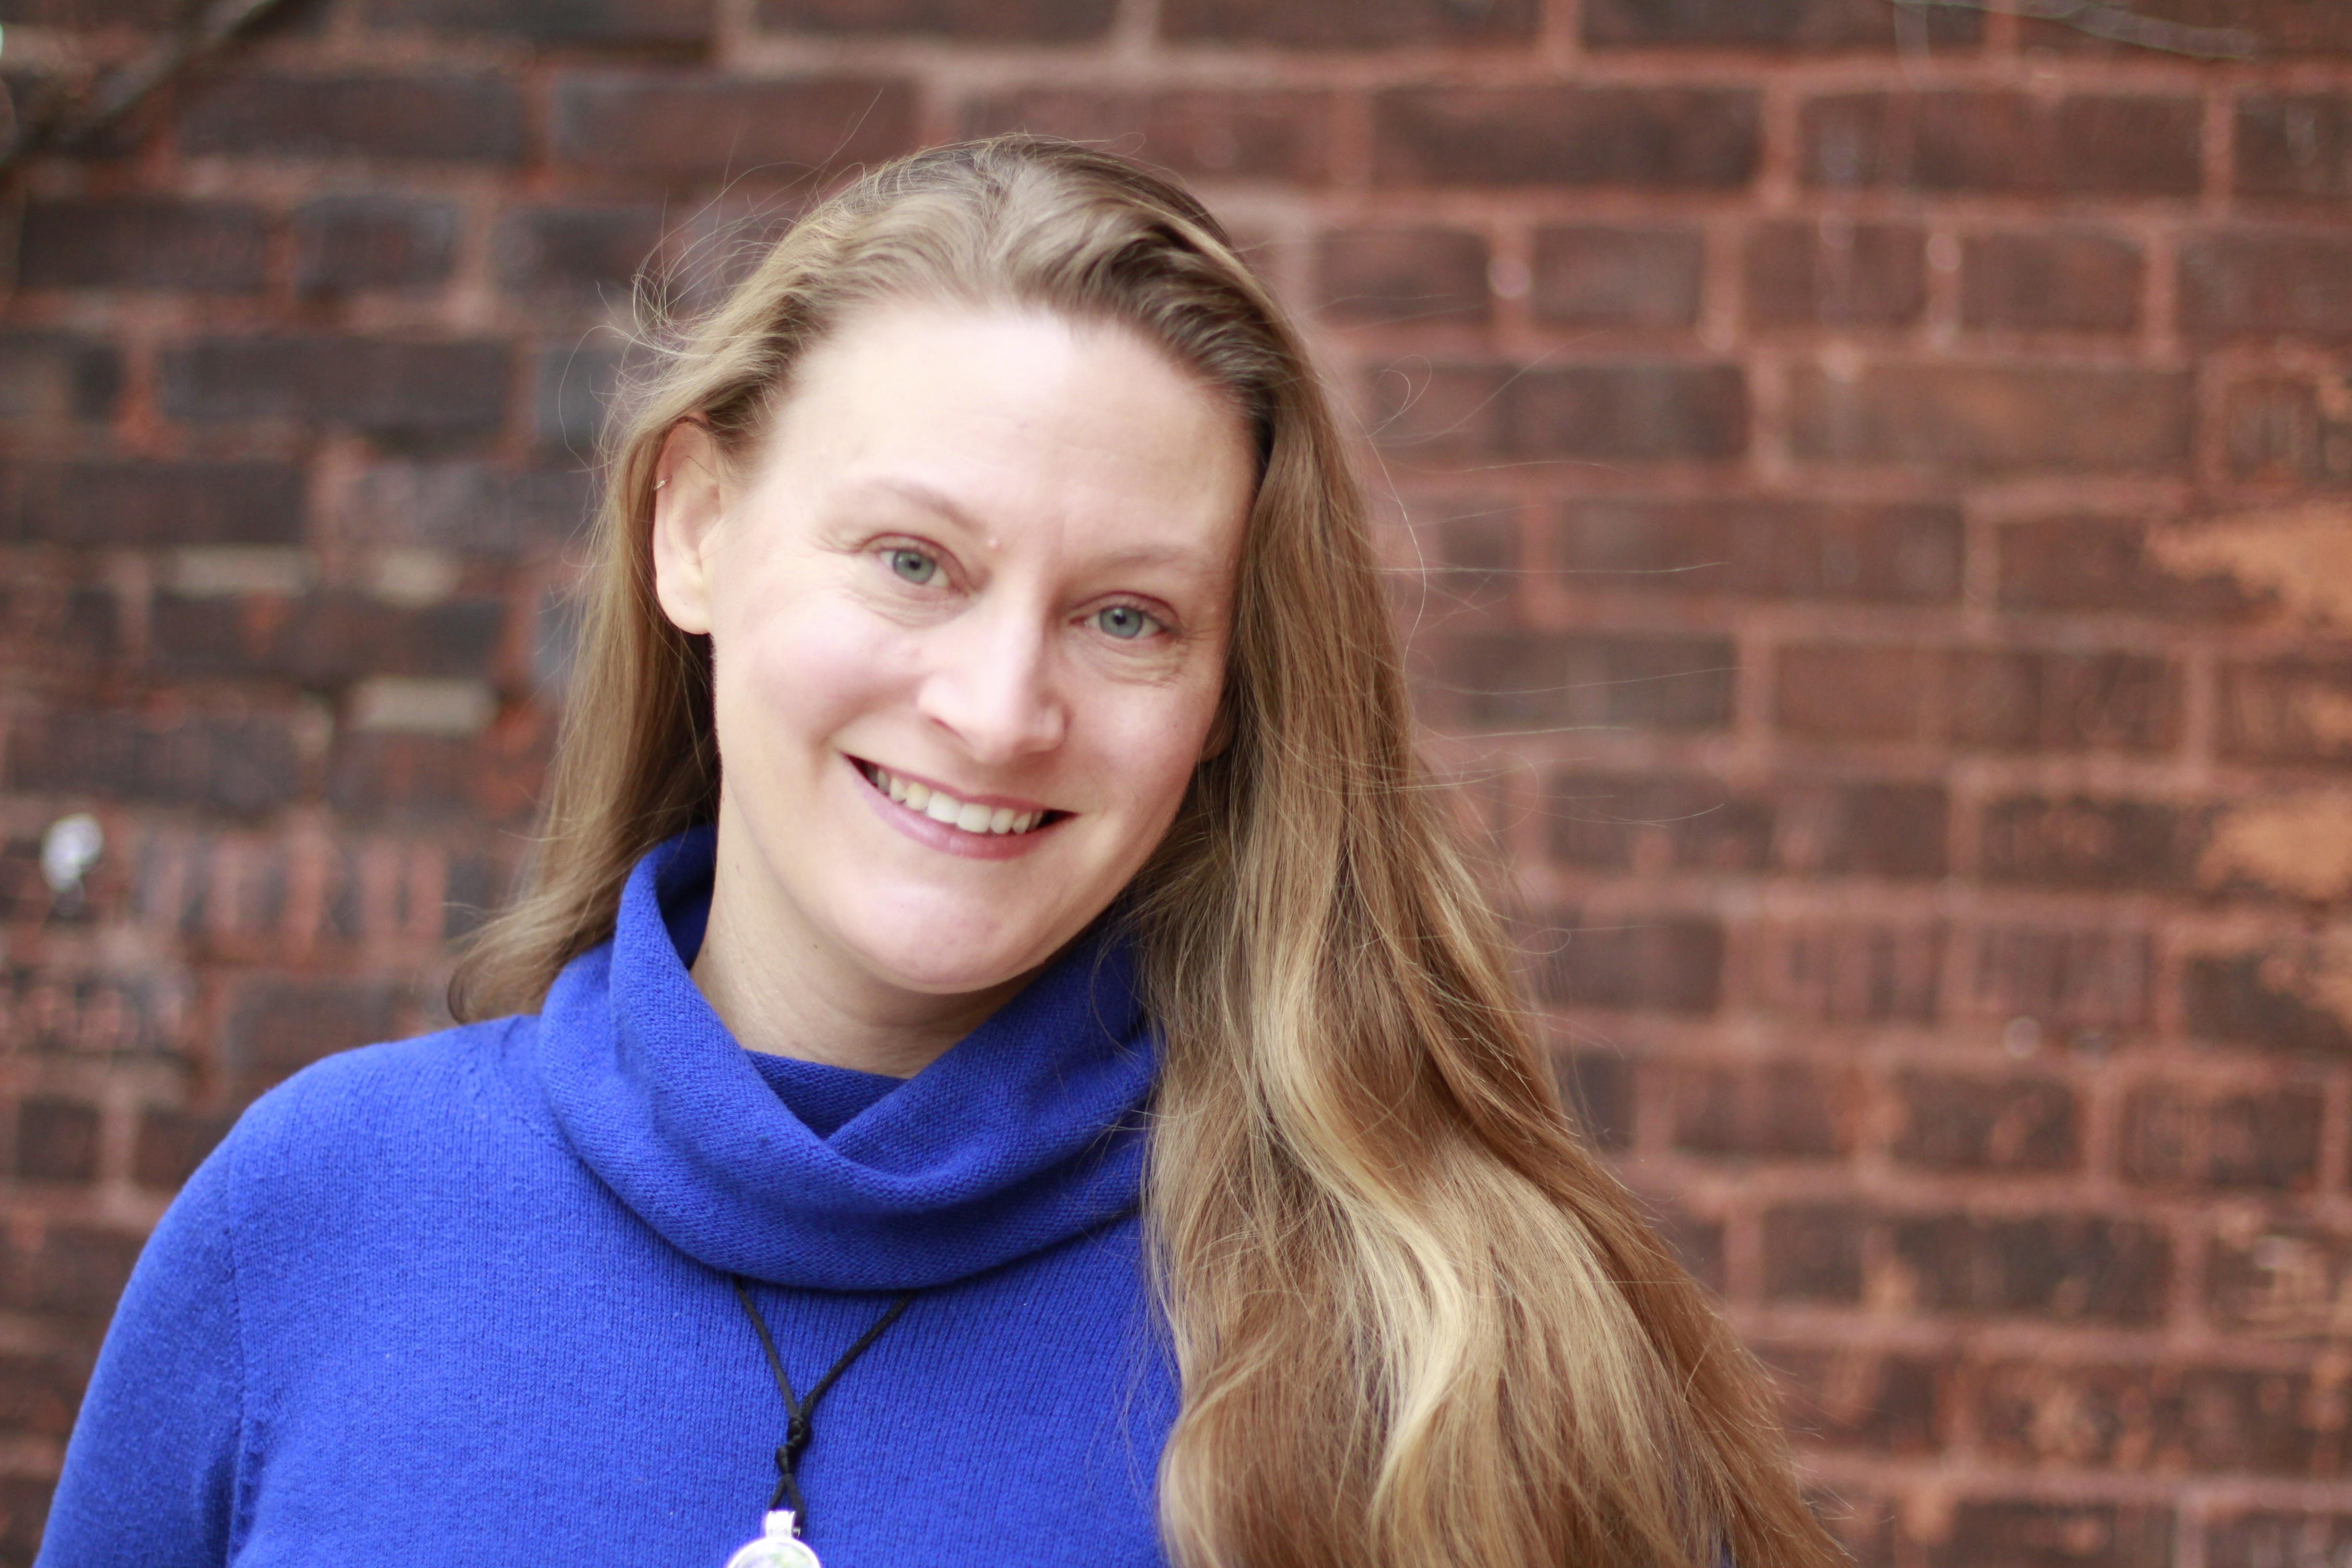 Zoe A. L. Ponterio